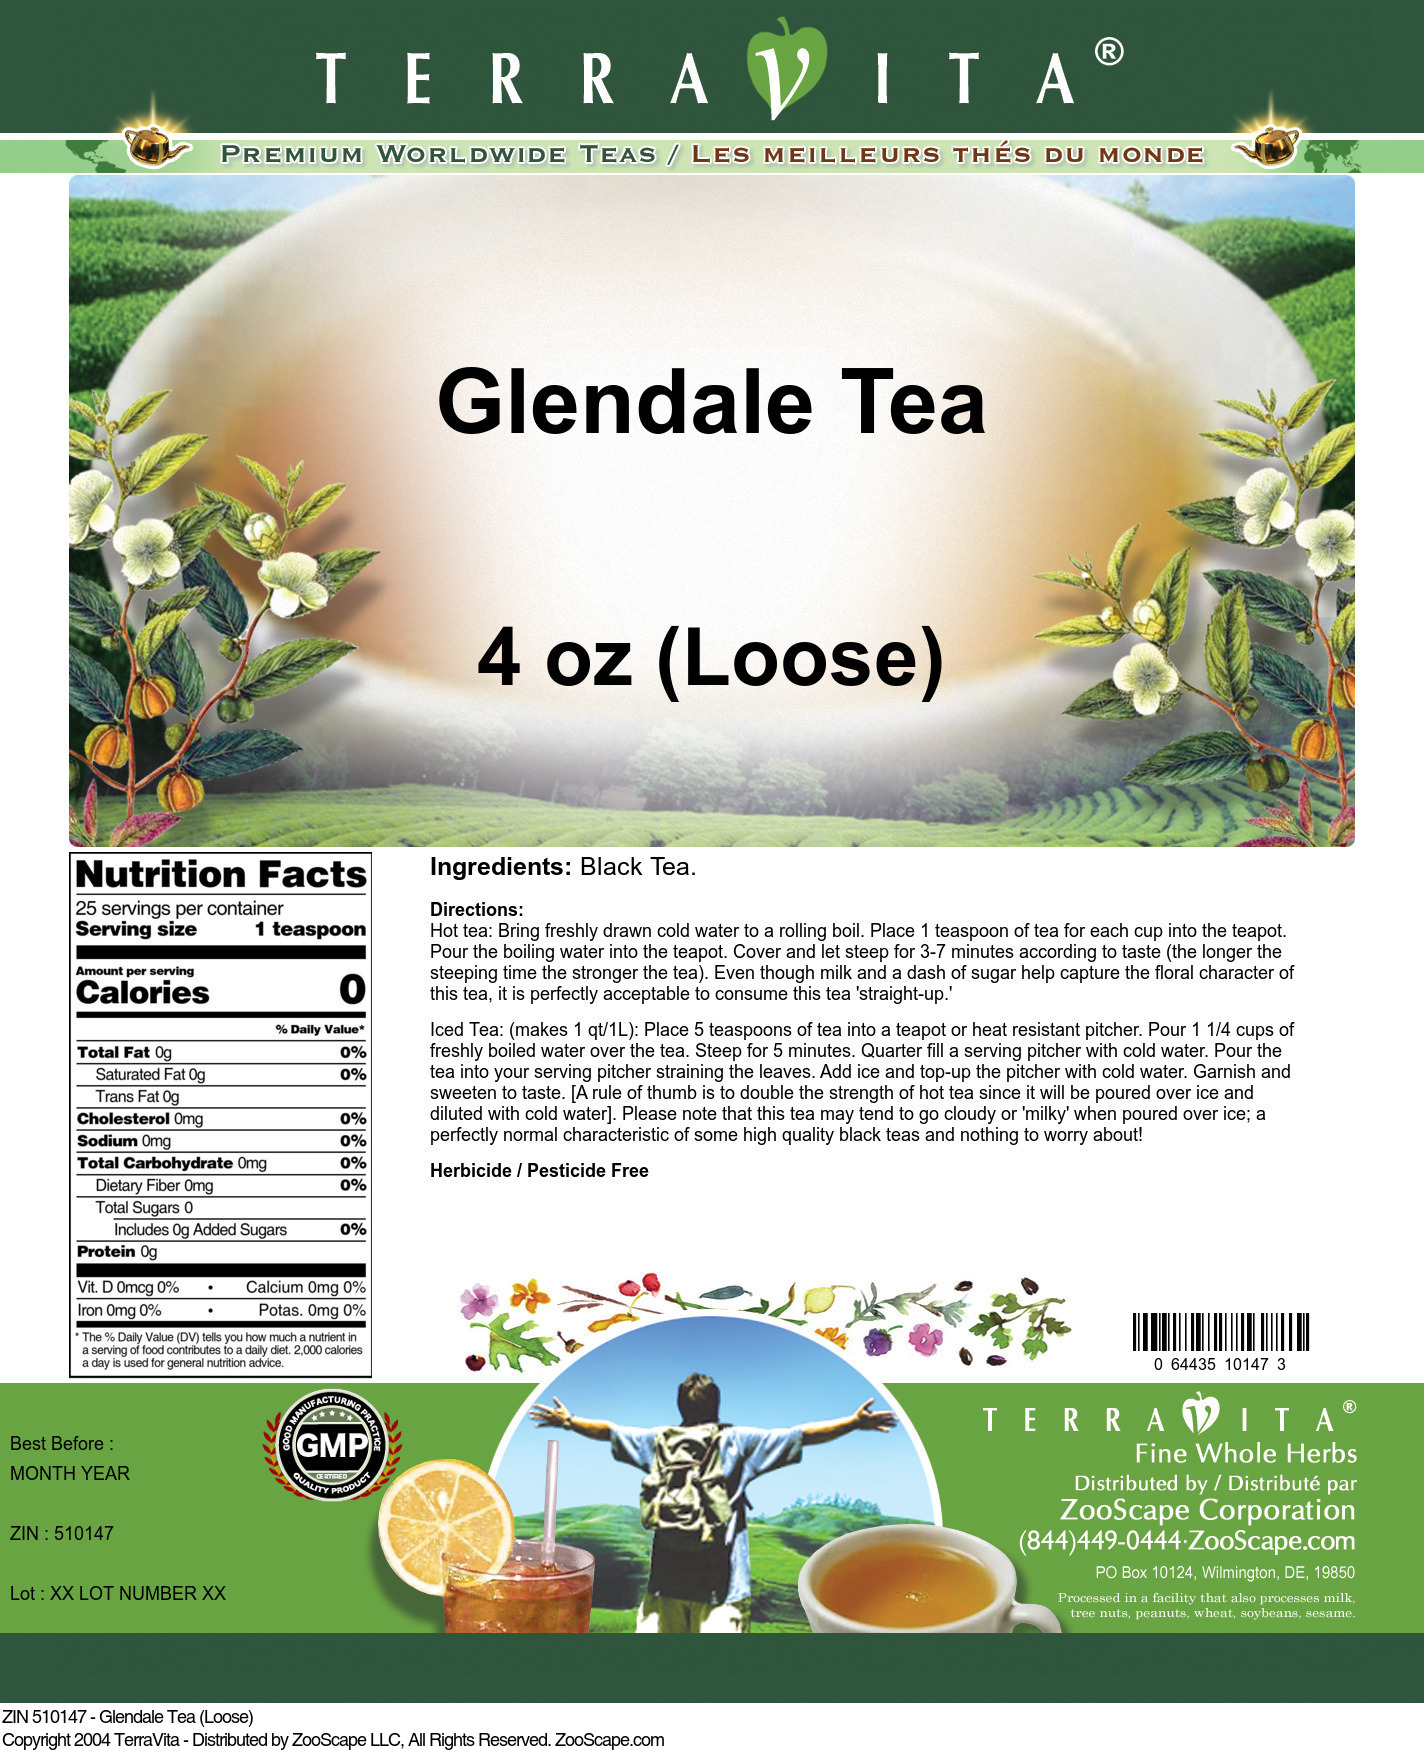 Glendale Tea (Loose)